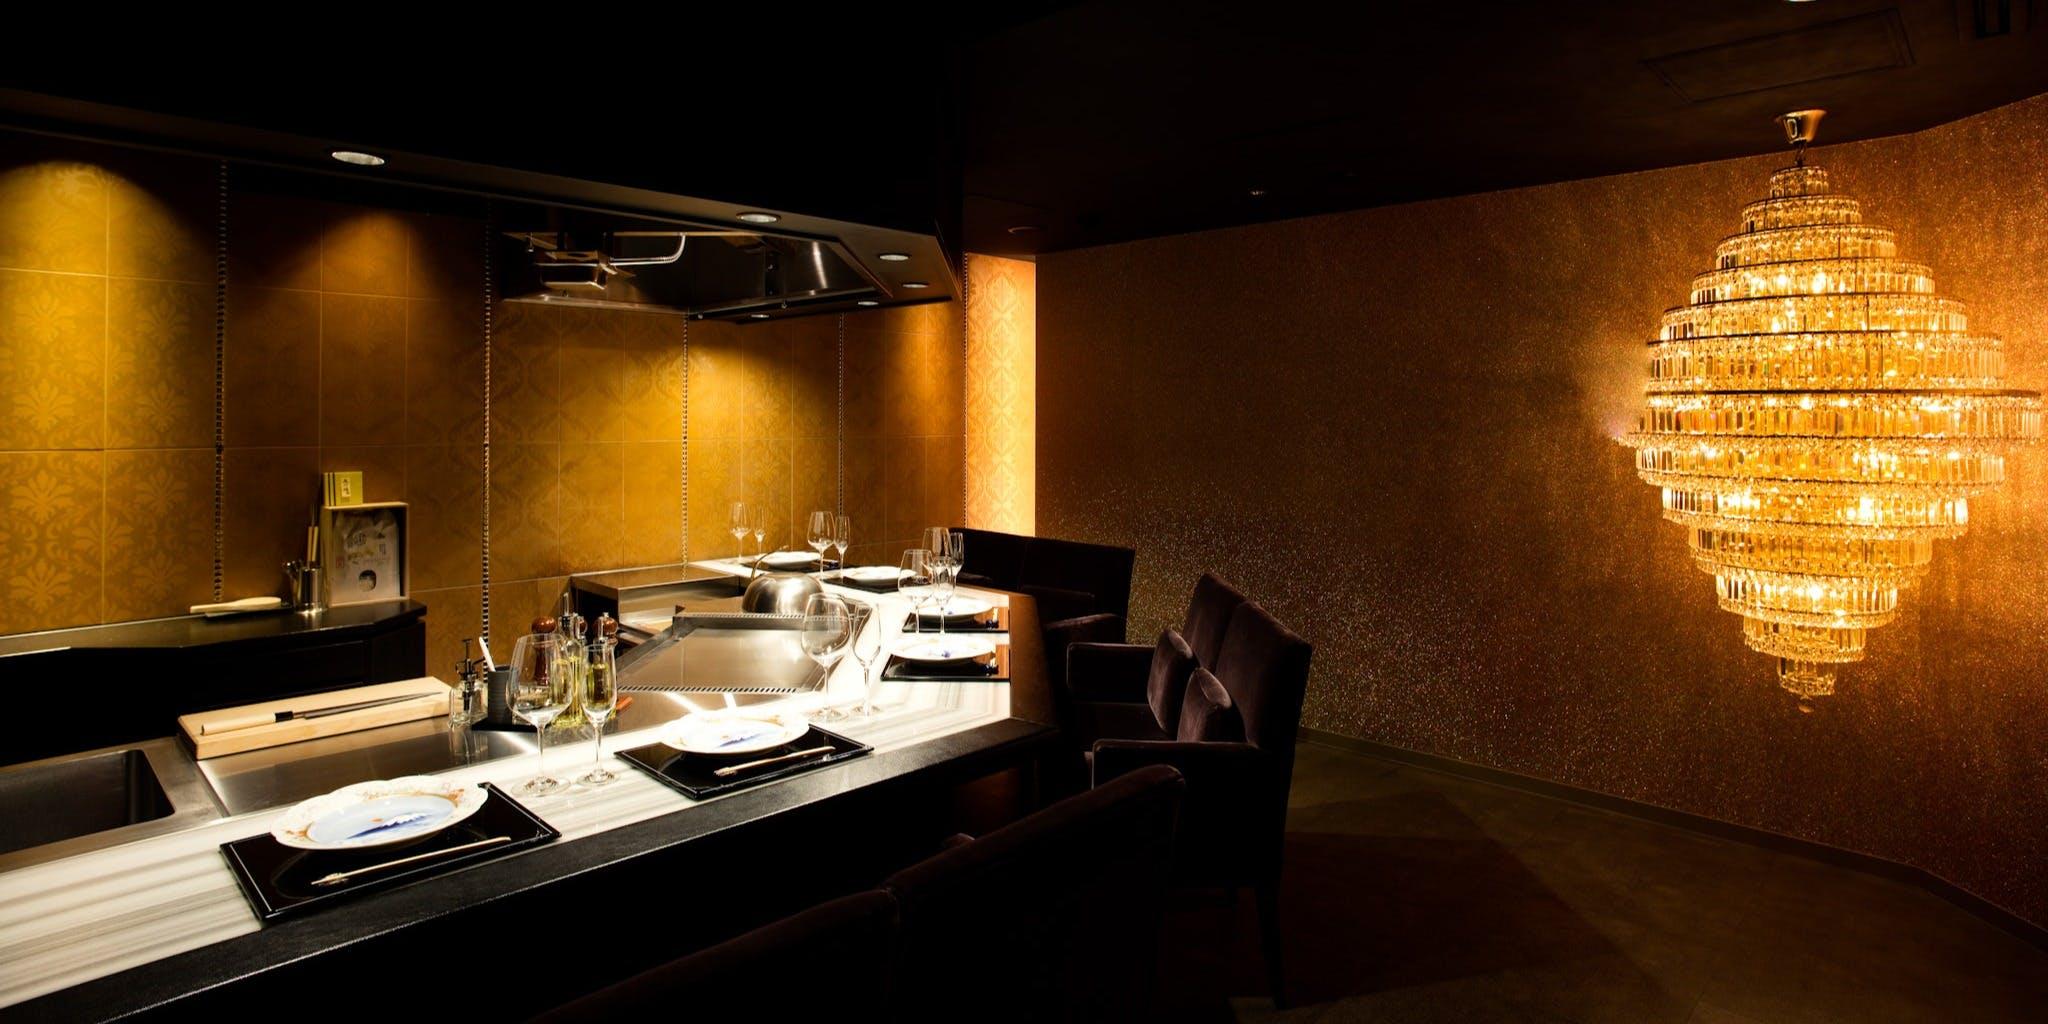 記念日におすすめのレストラン・鉄板焼ステーキ 集 銀座の写真2